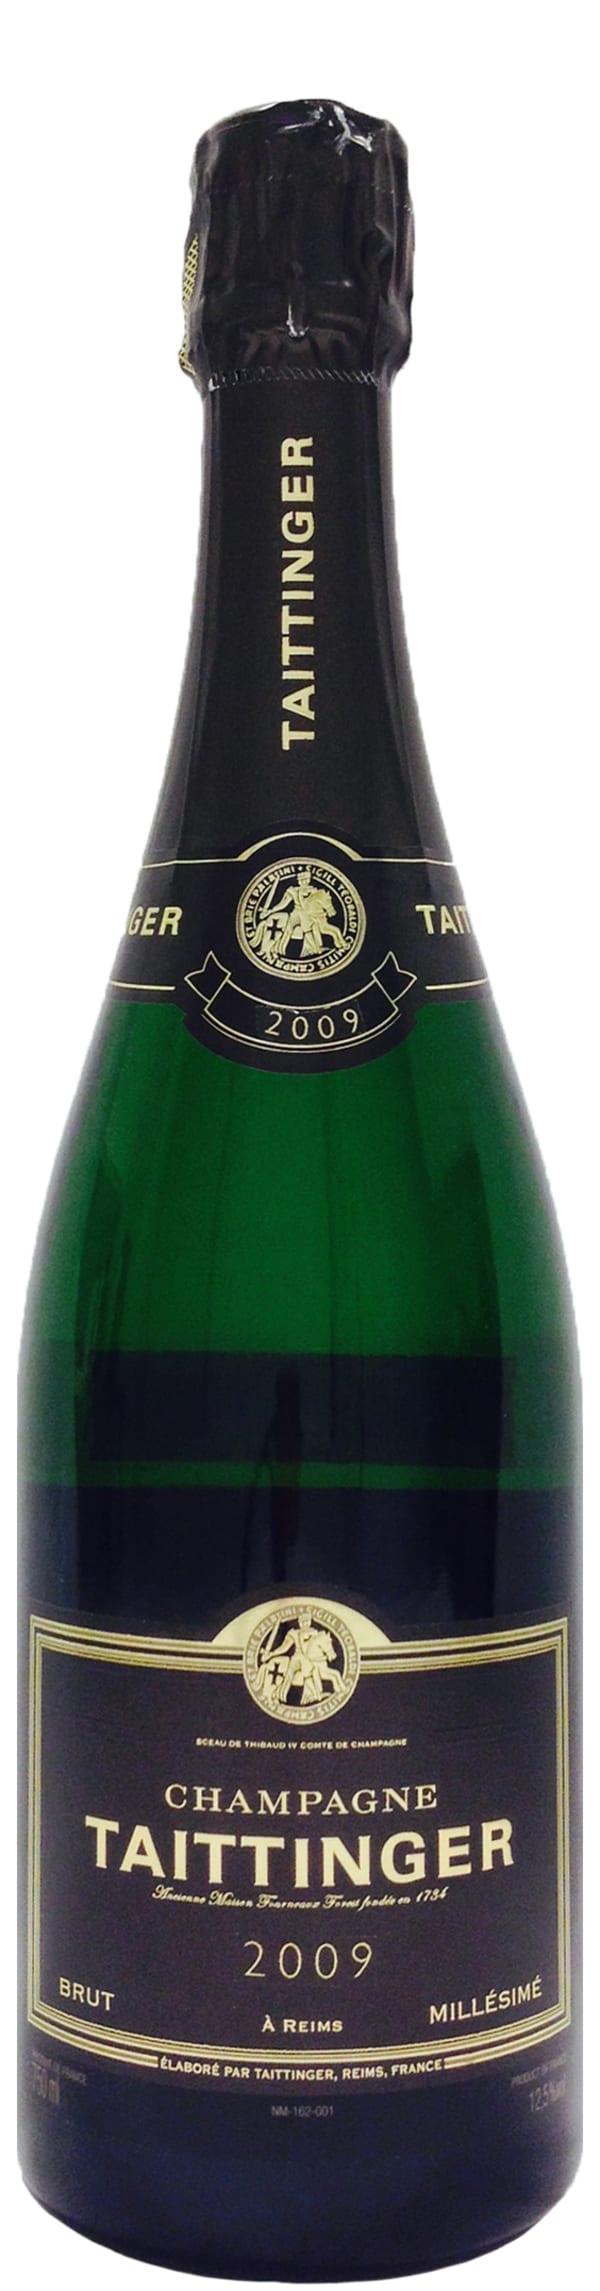 Taittinger Millésimé Champagne Brut 2009